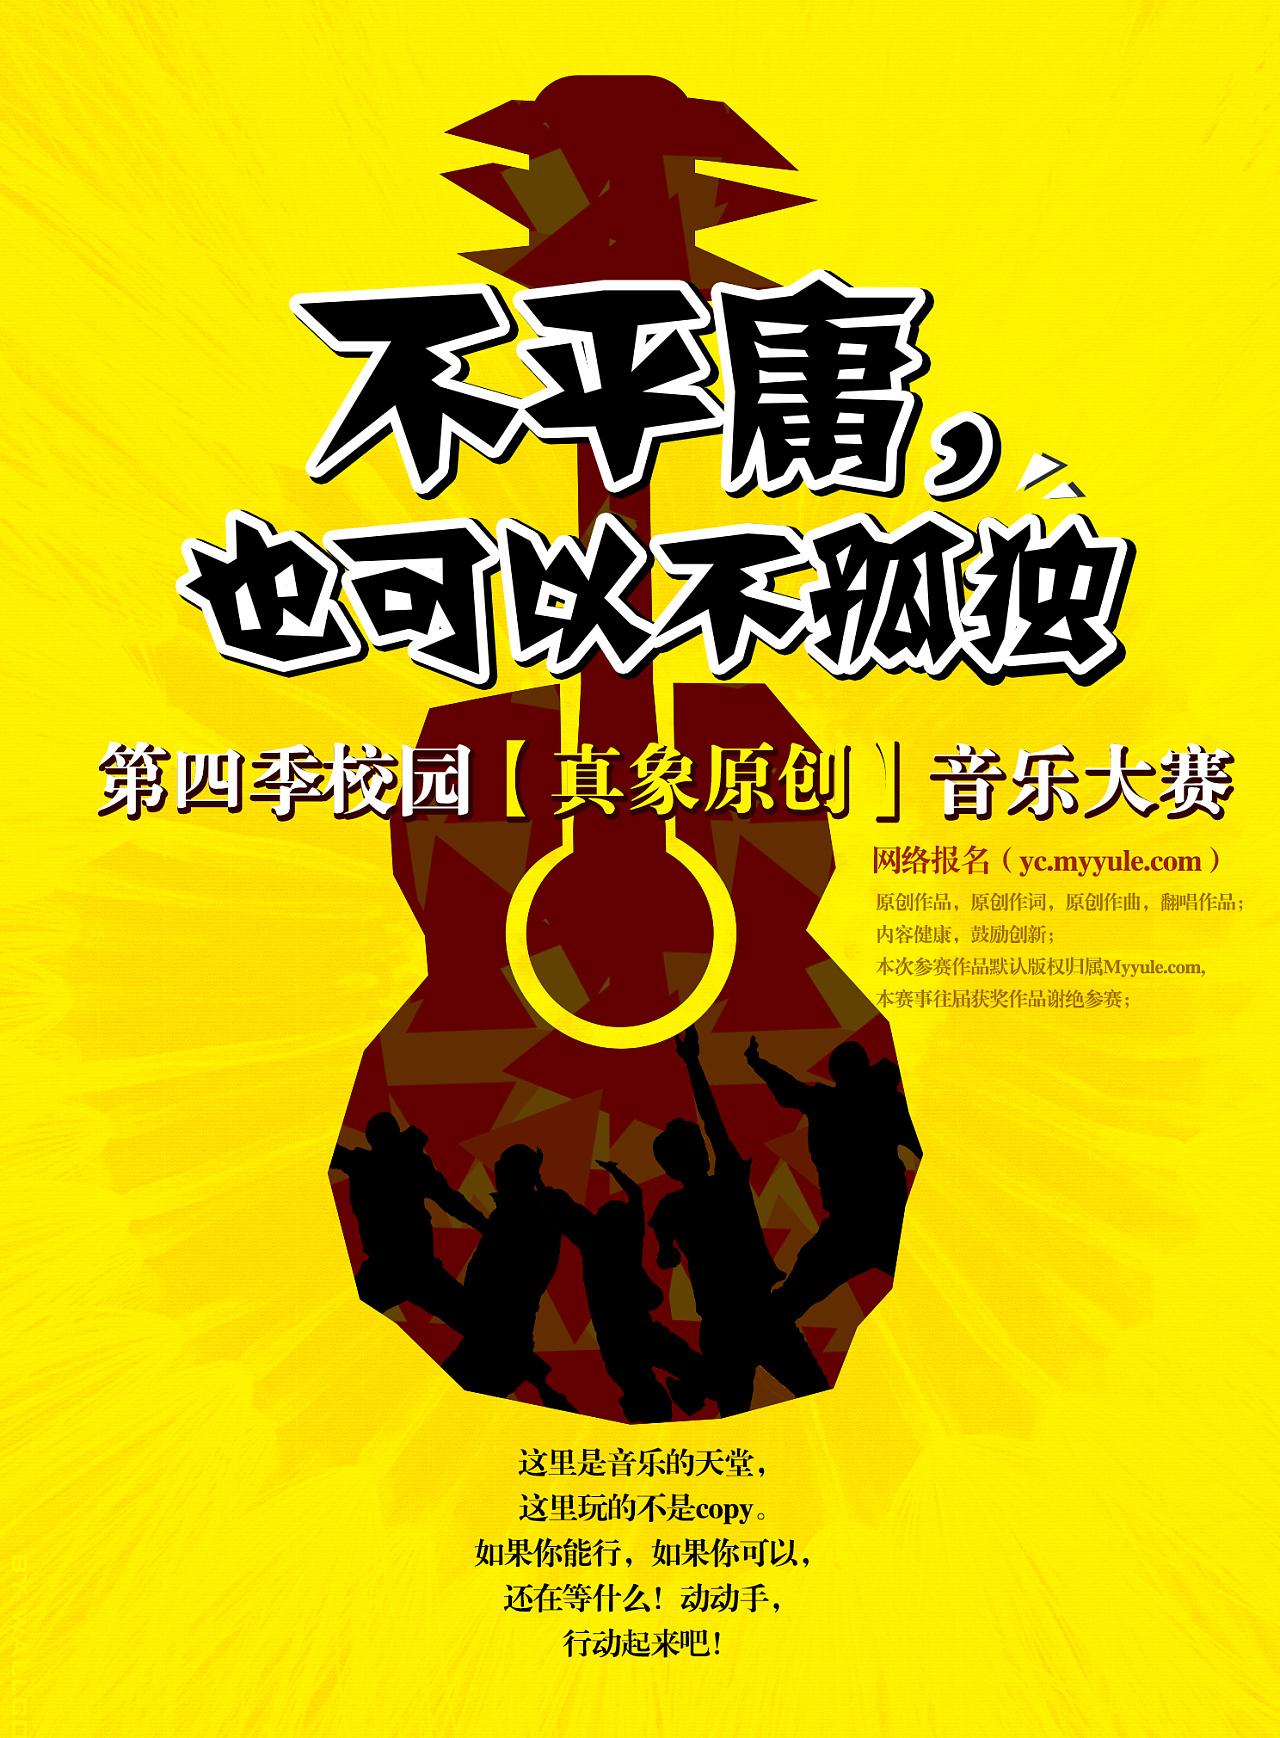 十佳歌手大赛海报设计图__海报设计_广告设... _昵图网nipic.com